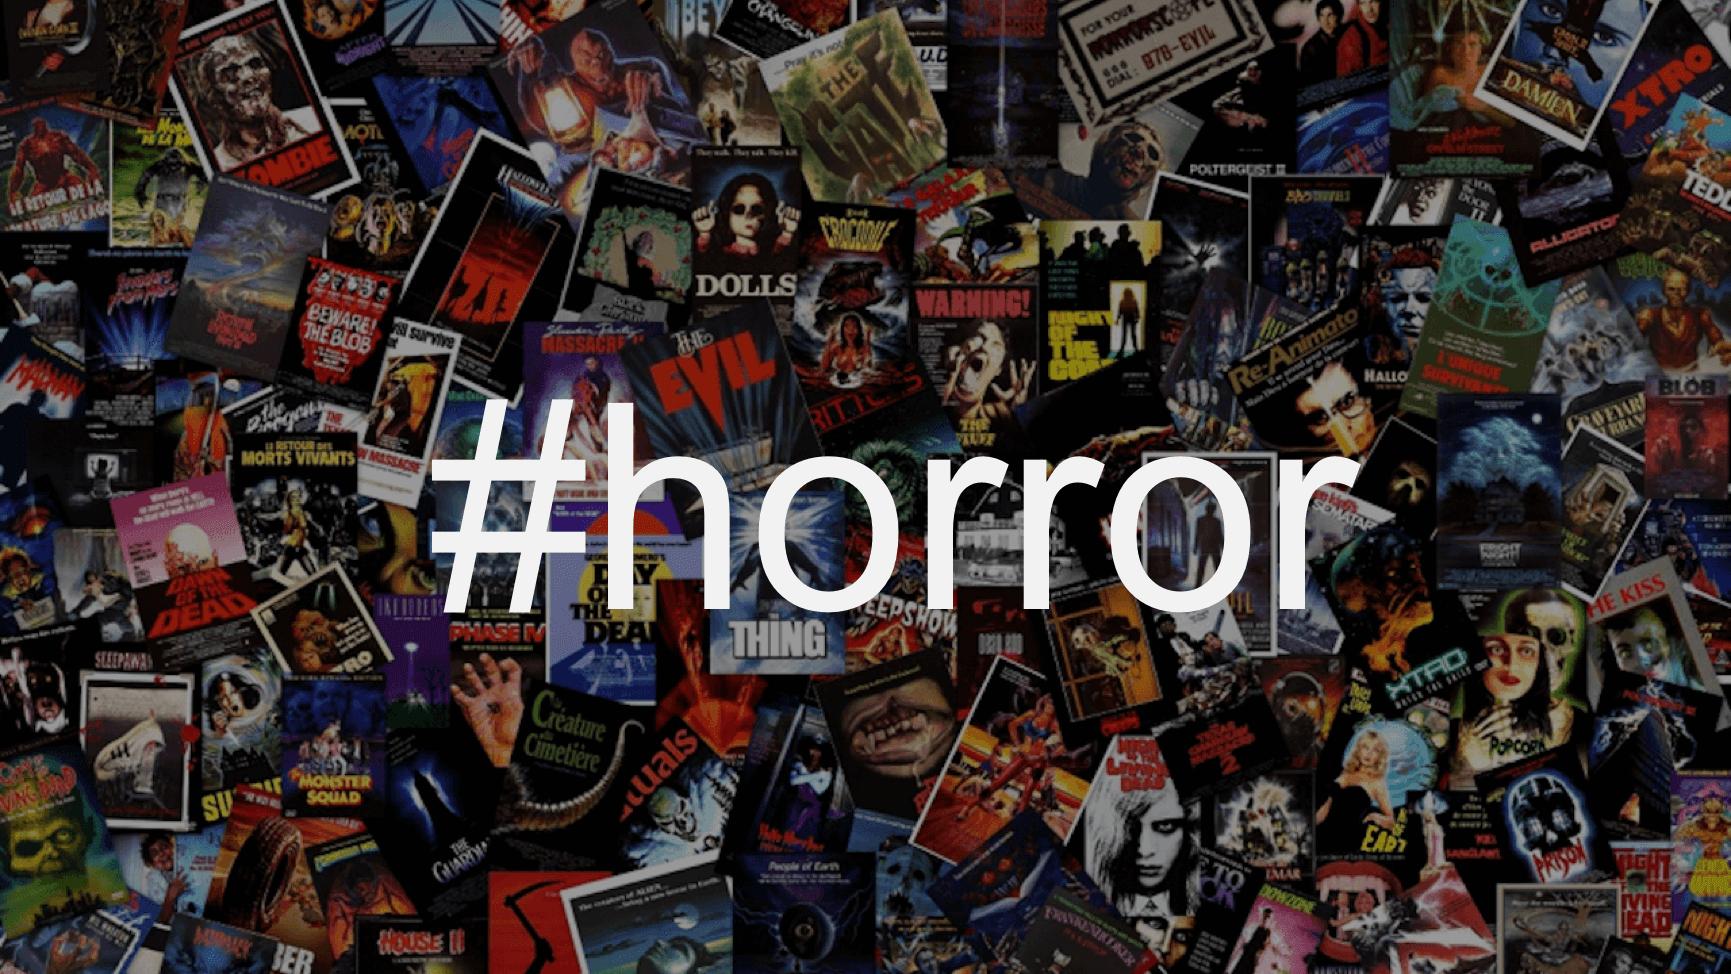 恐怖電影迷注意了,在IG上點選一個小小的 #Horror 主題標籤,整個社群平台會跑來關心你首圖